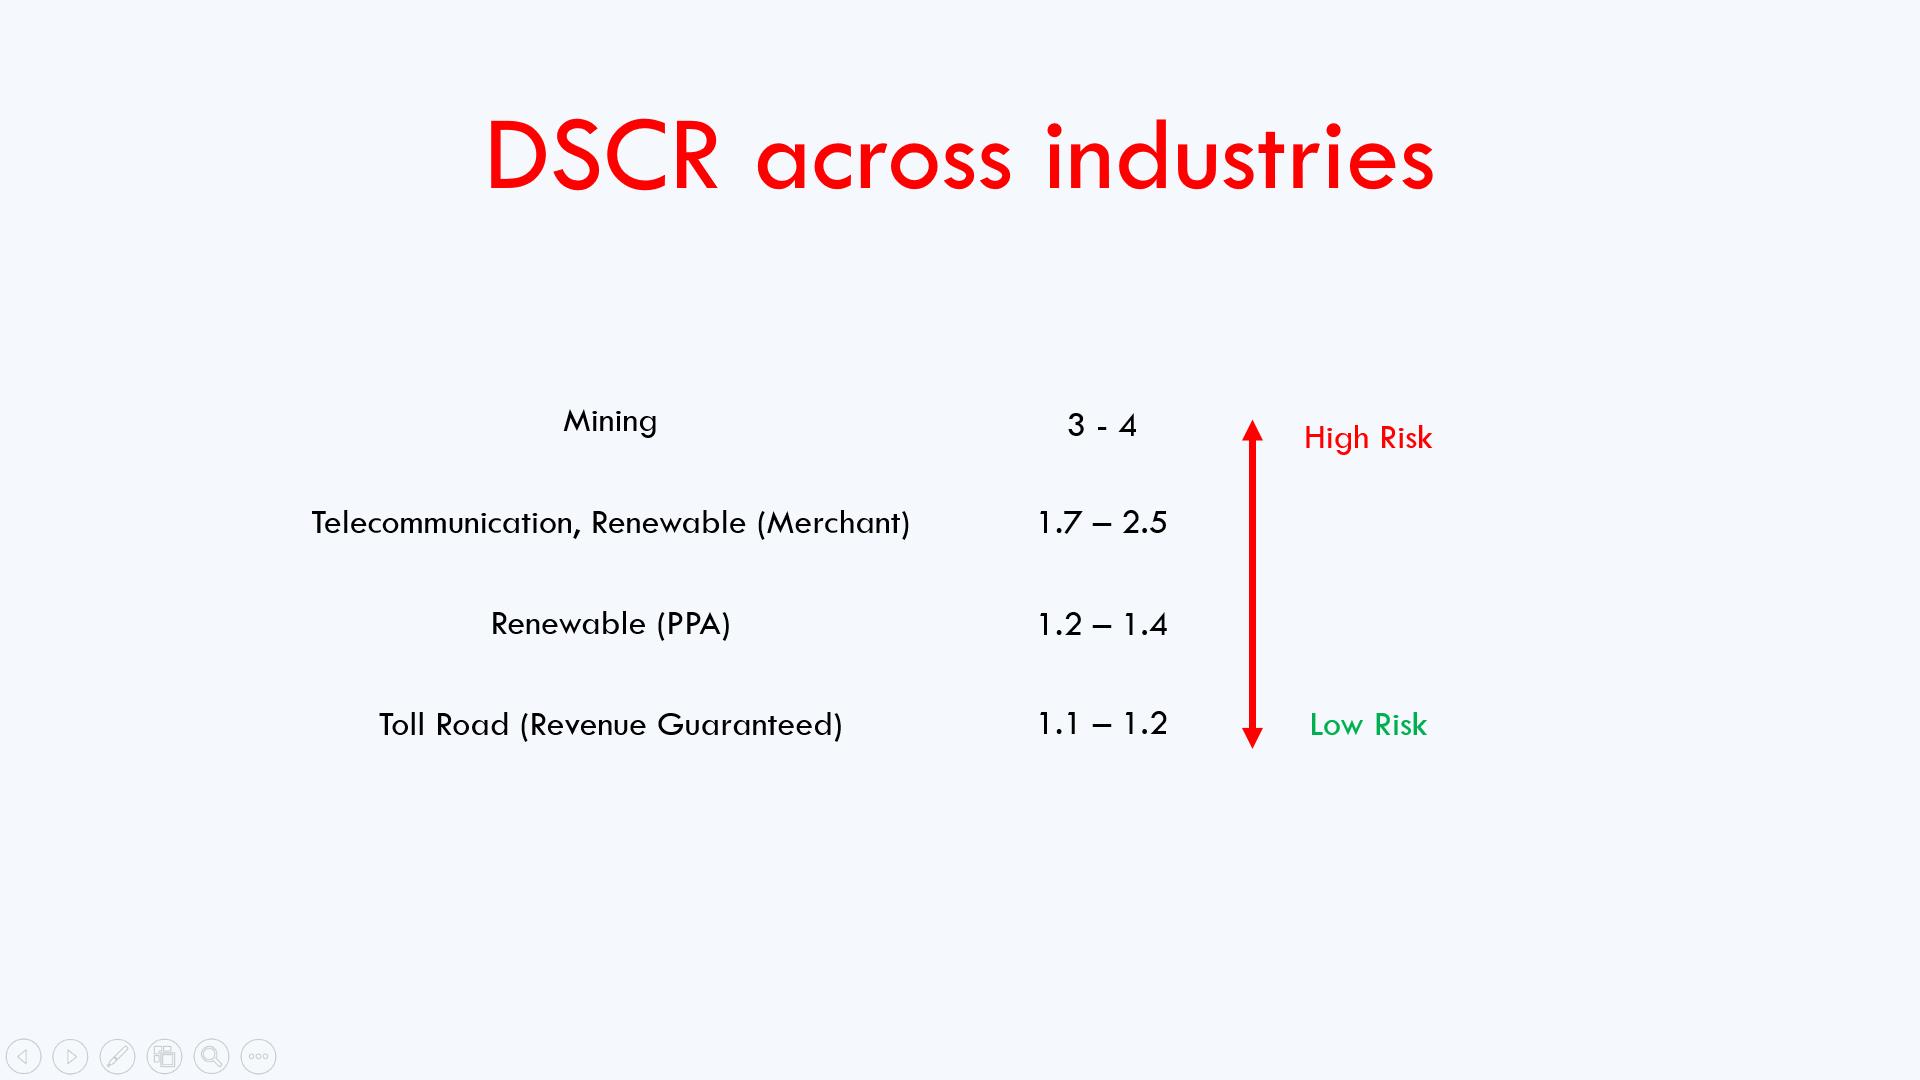 DSCR across industries